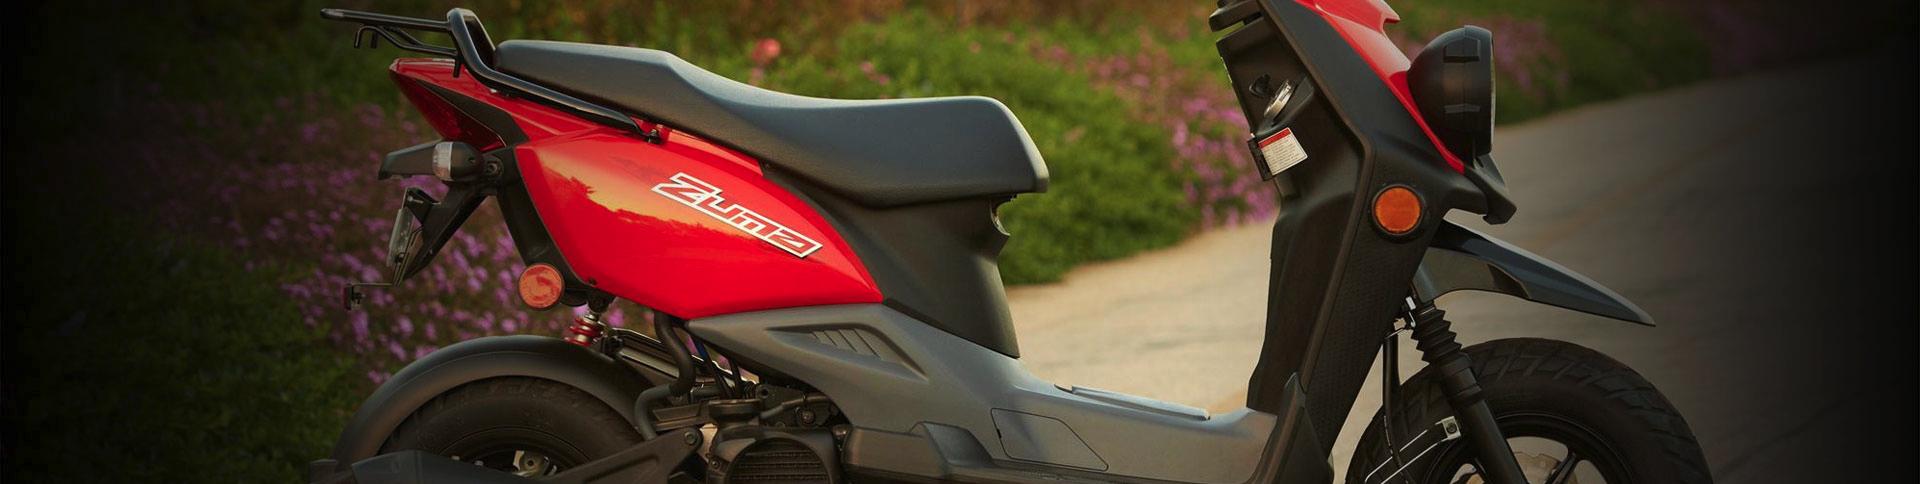 Moped deler danmark